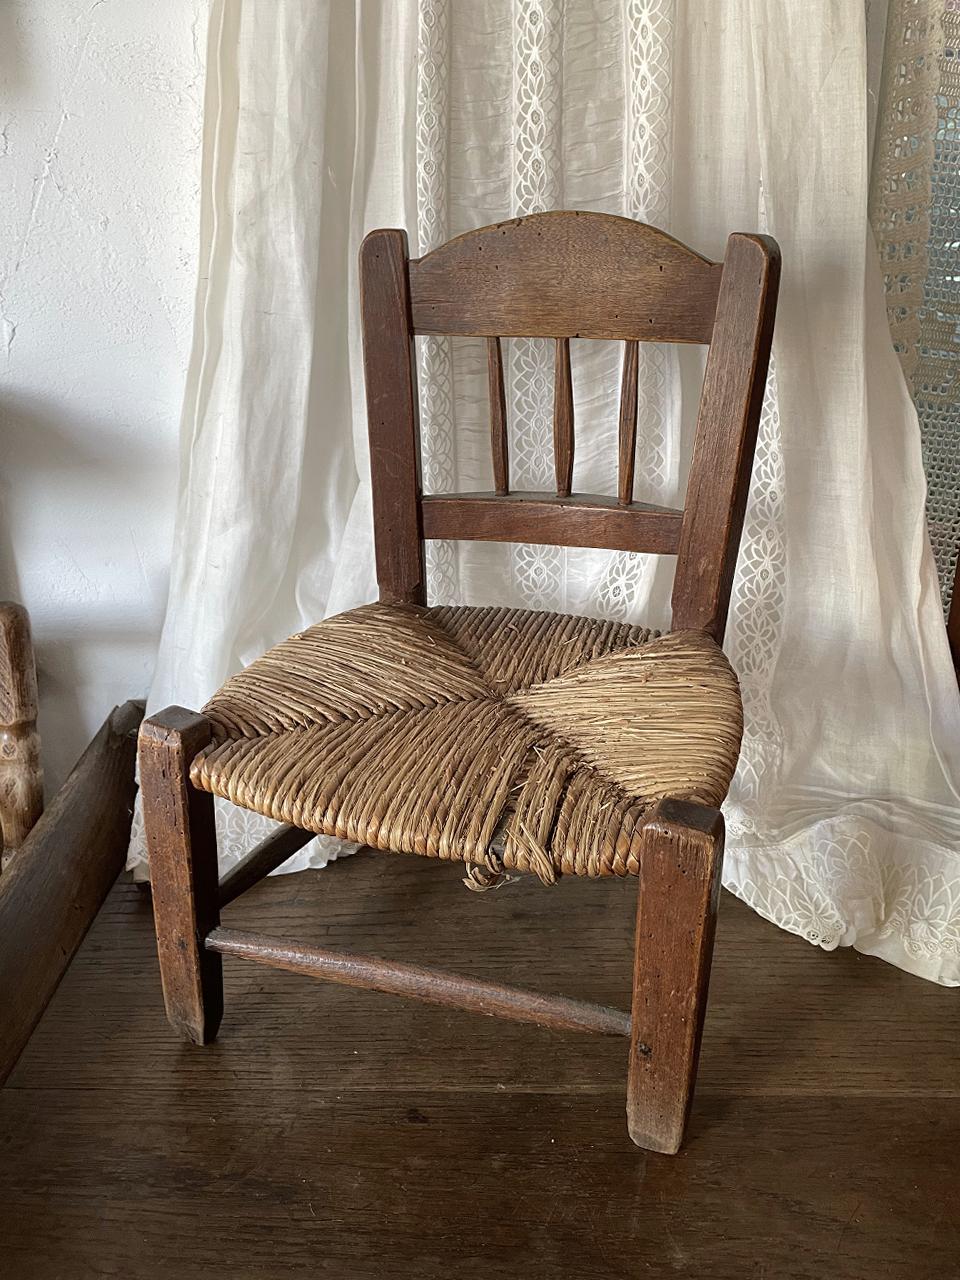 小さな木製チェア 椅子 ラッシュ dark brown